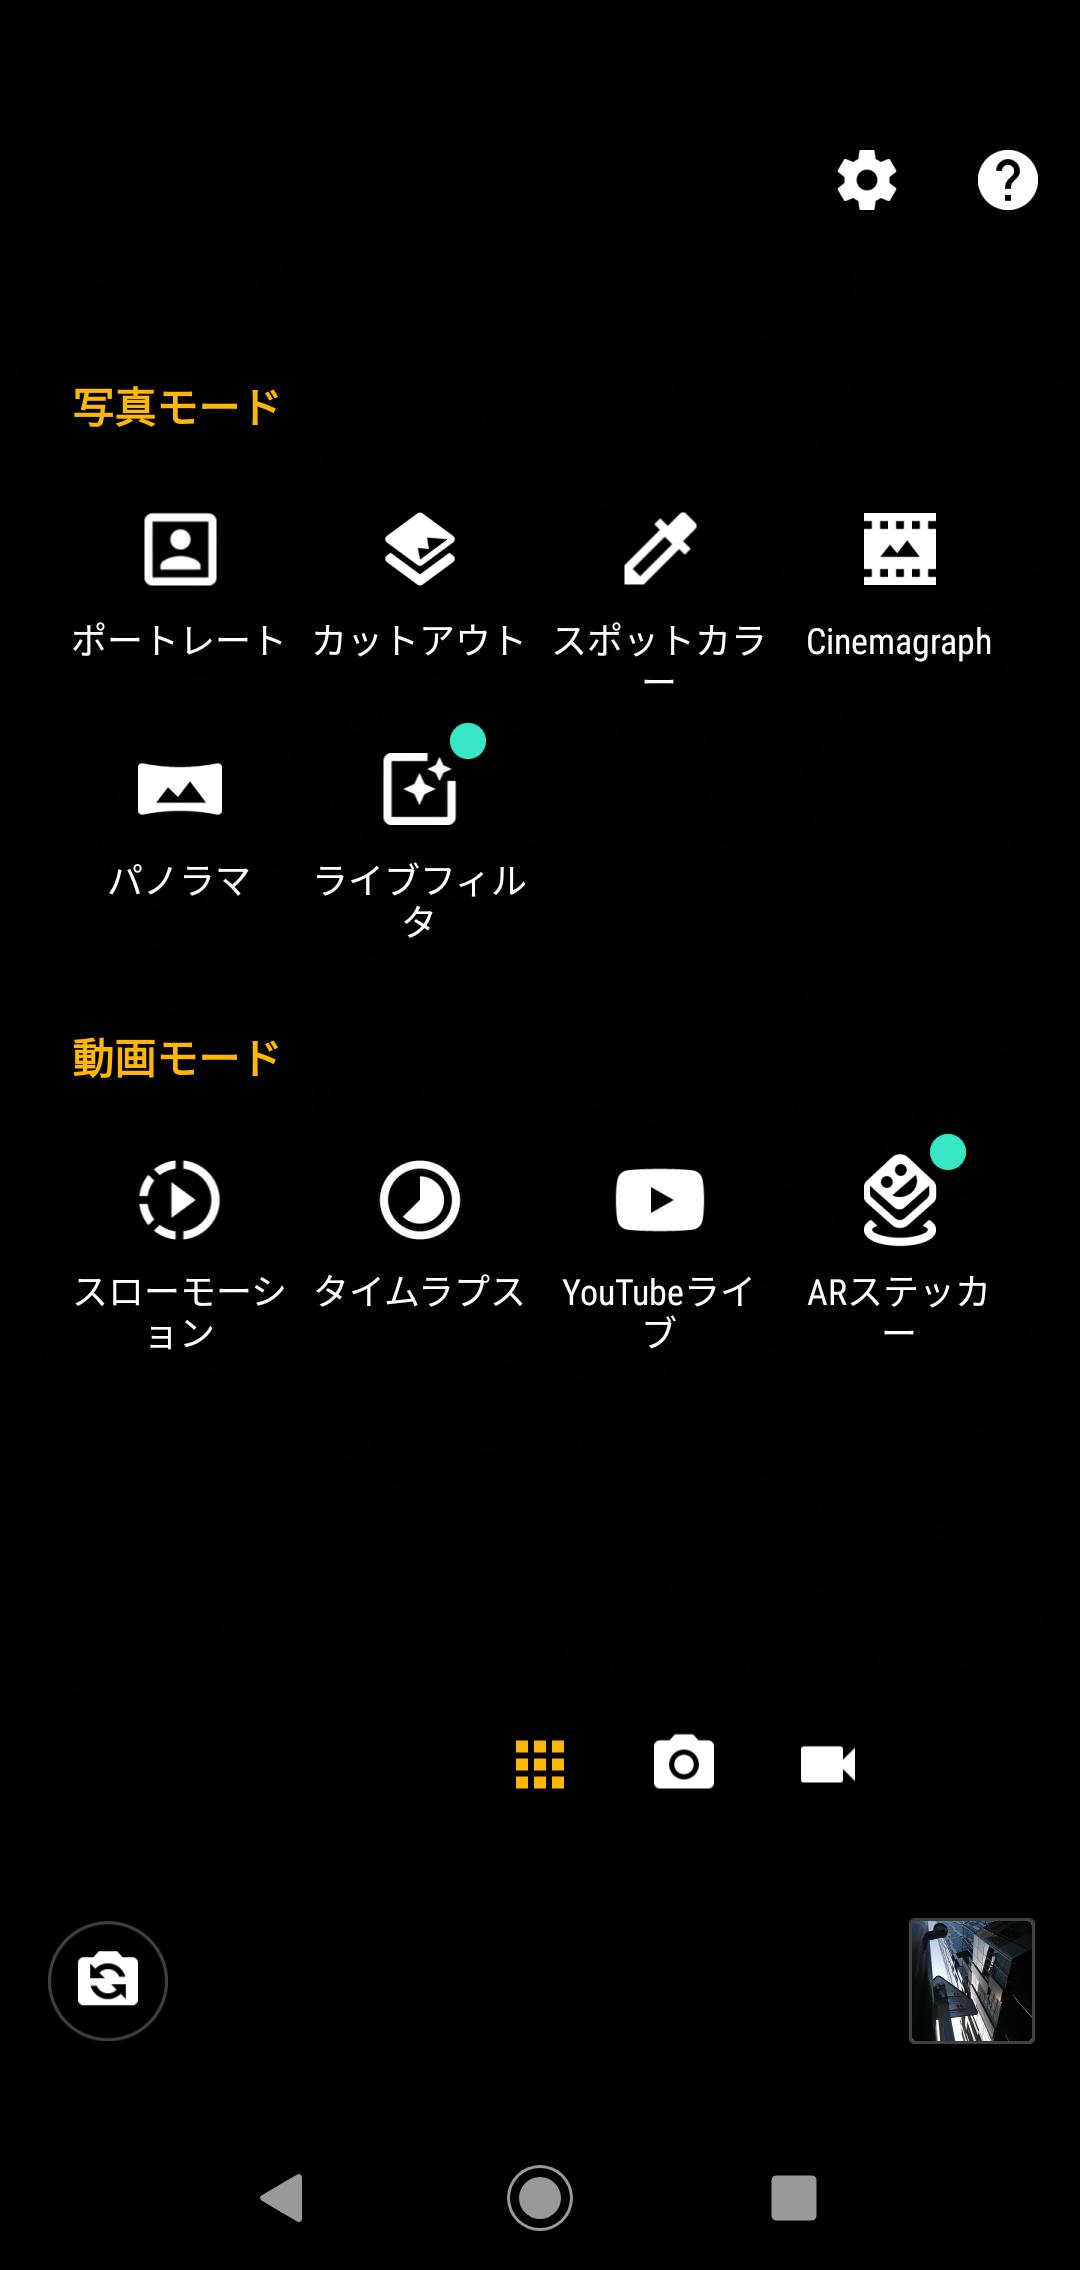 カメラアプリ/モード切替